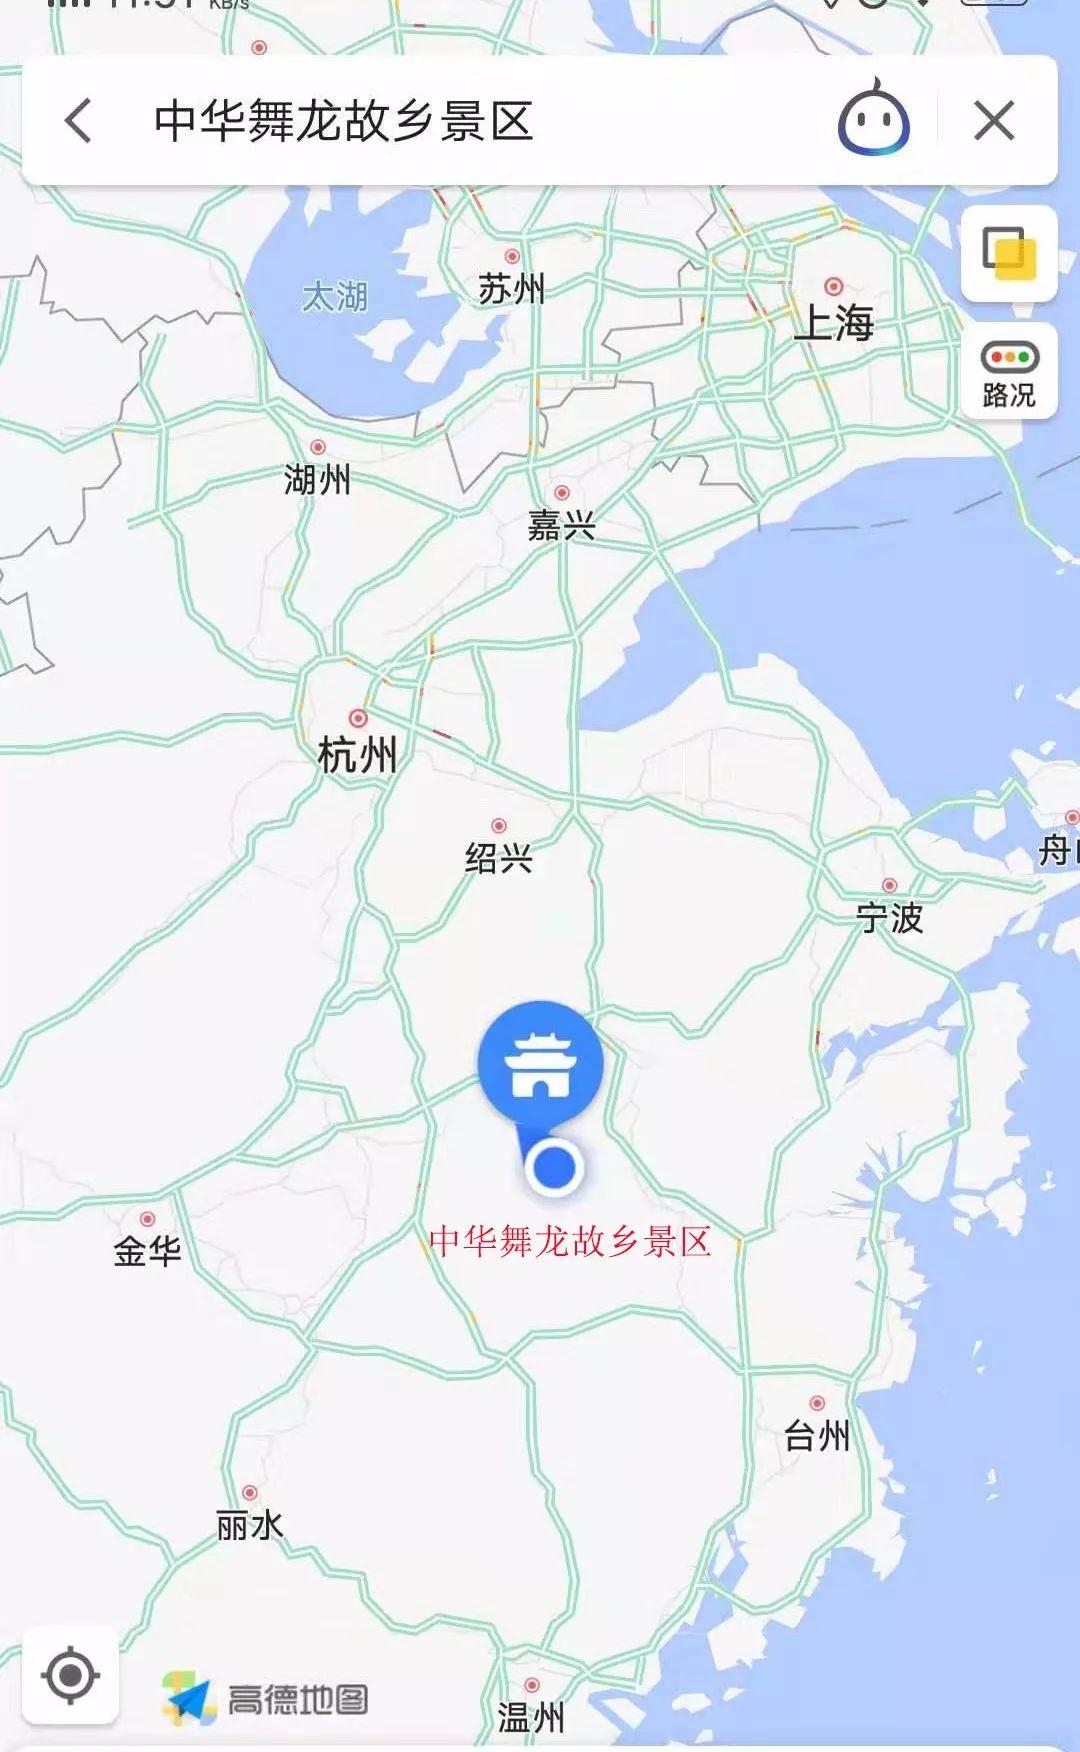 磐安县人口_厉害 义乌是金华最富县市,居然高出第二名一倍多